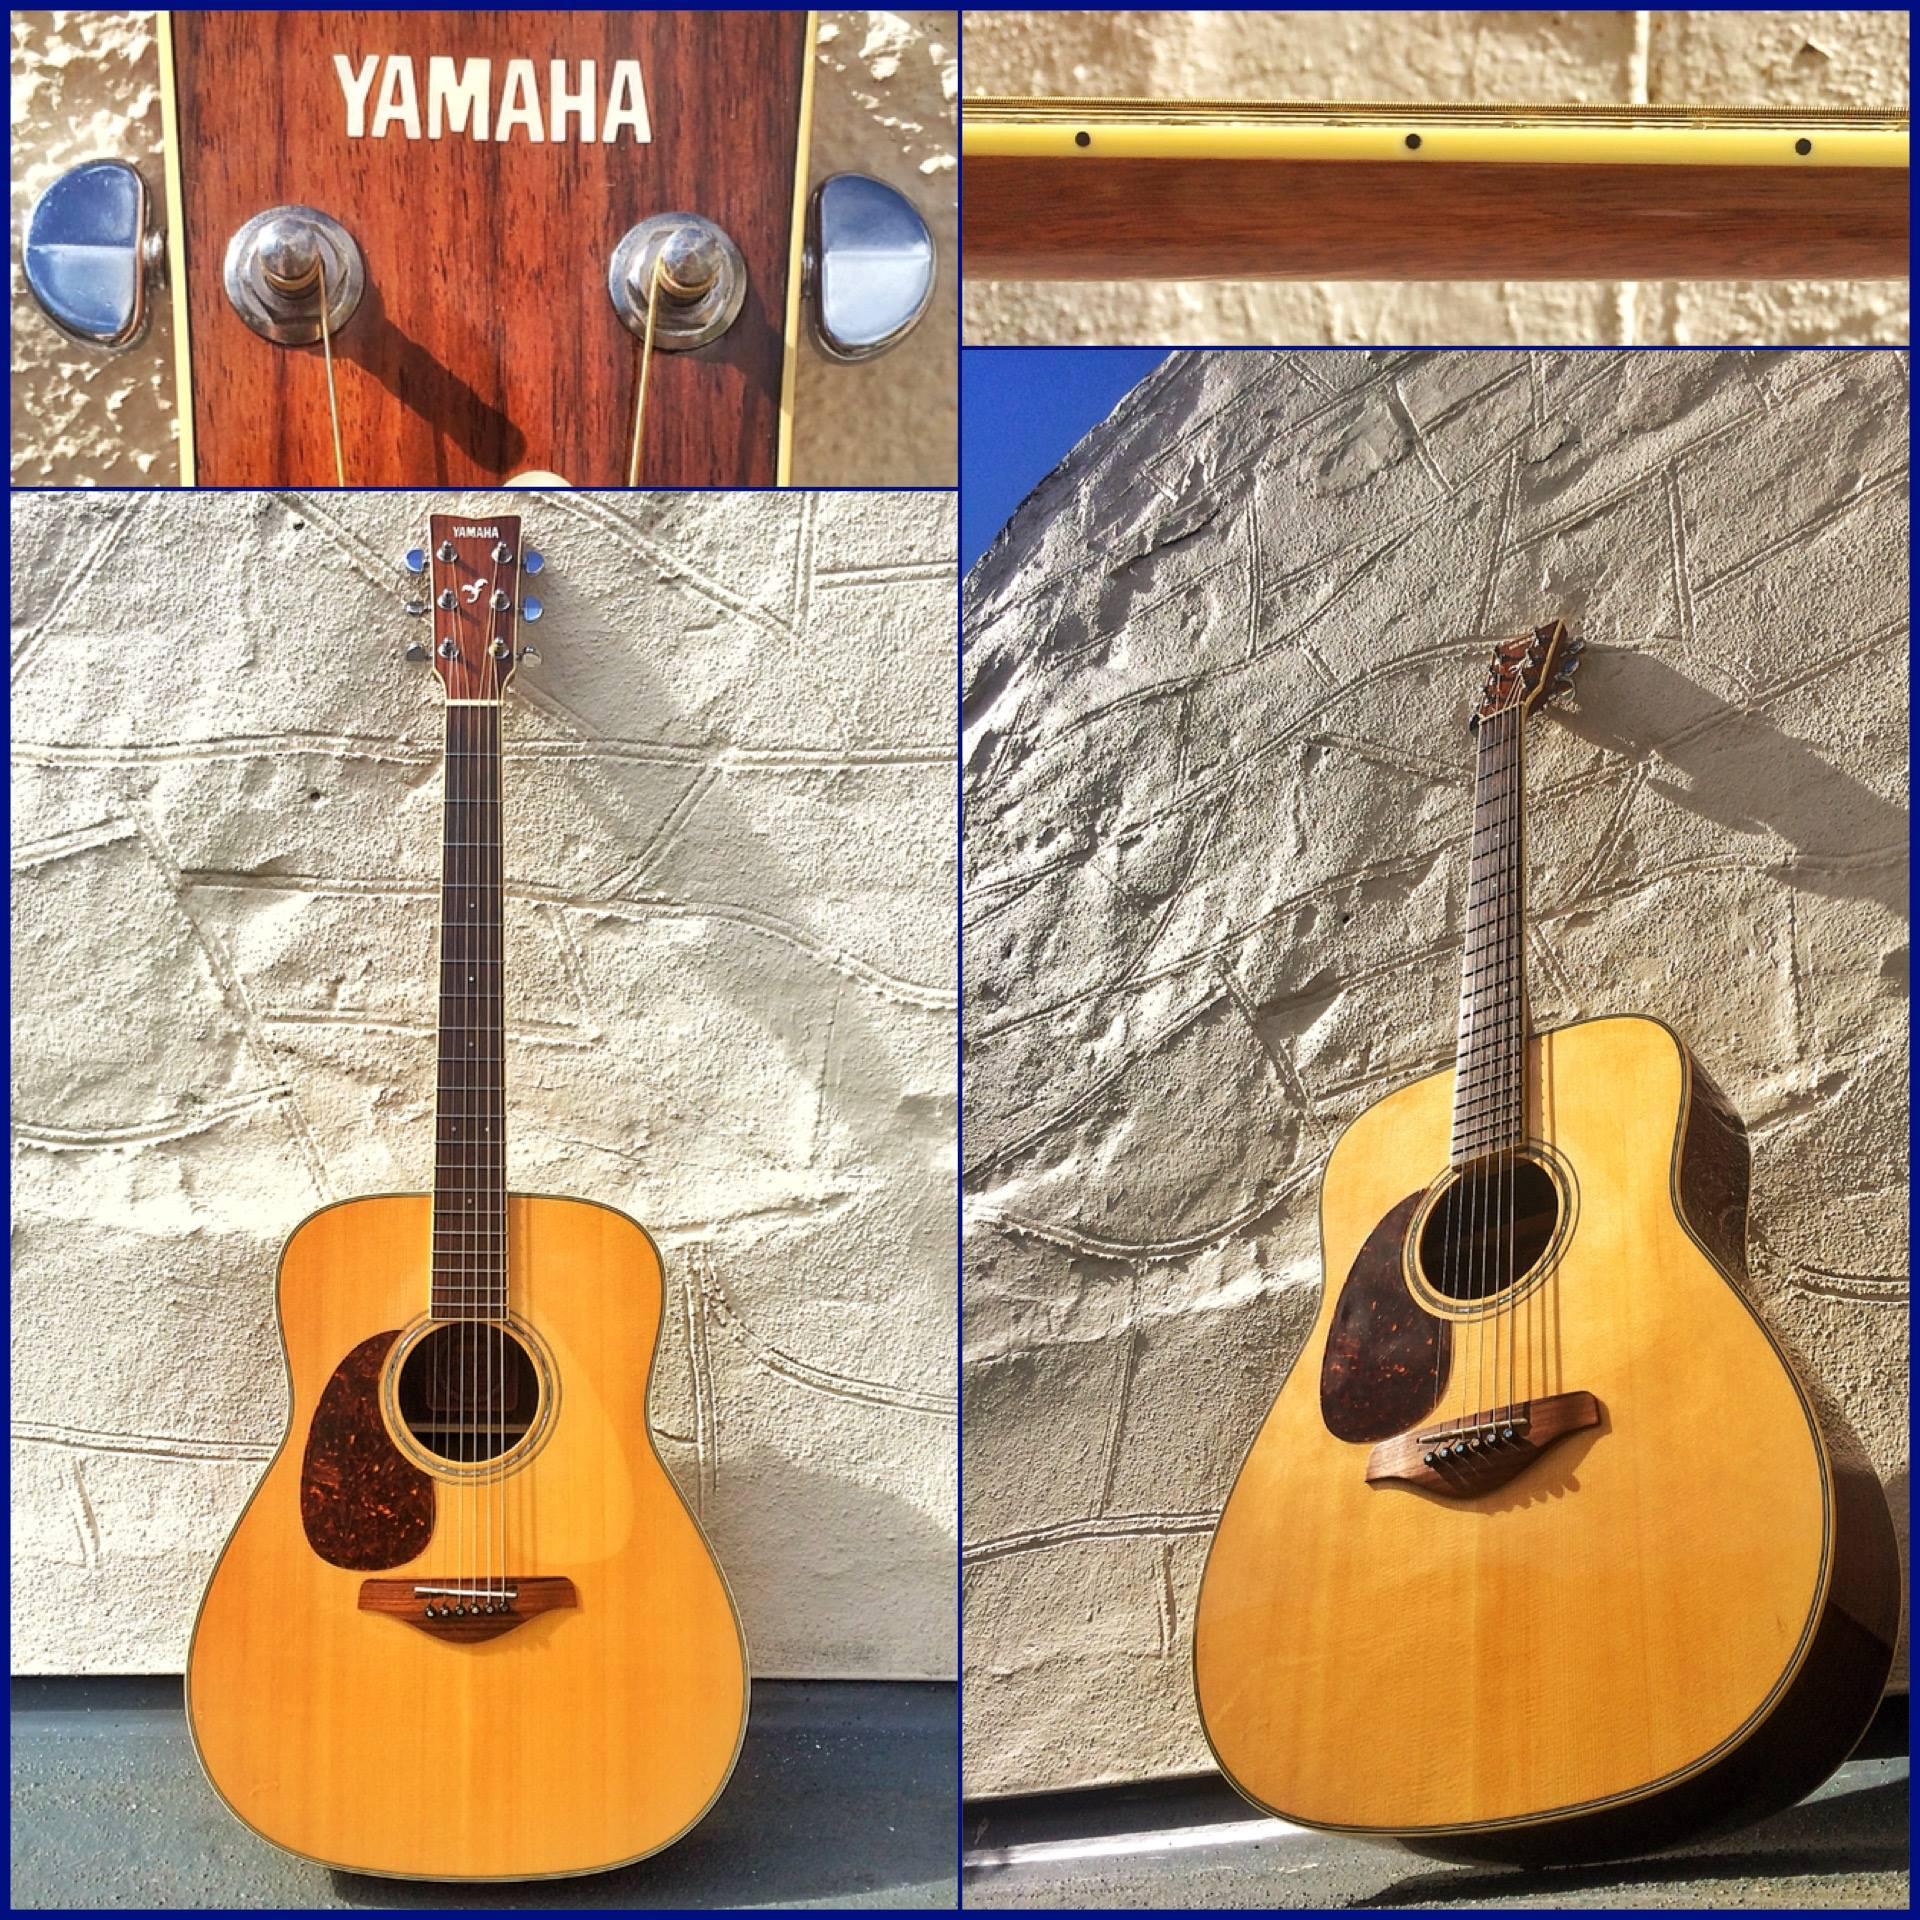 Yamaha - FG730s